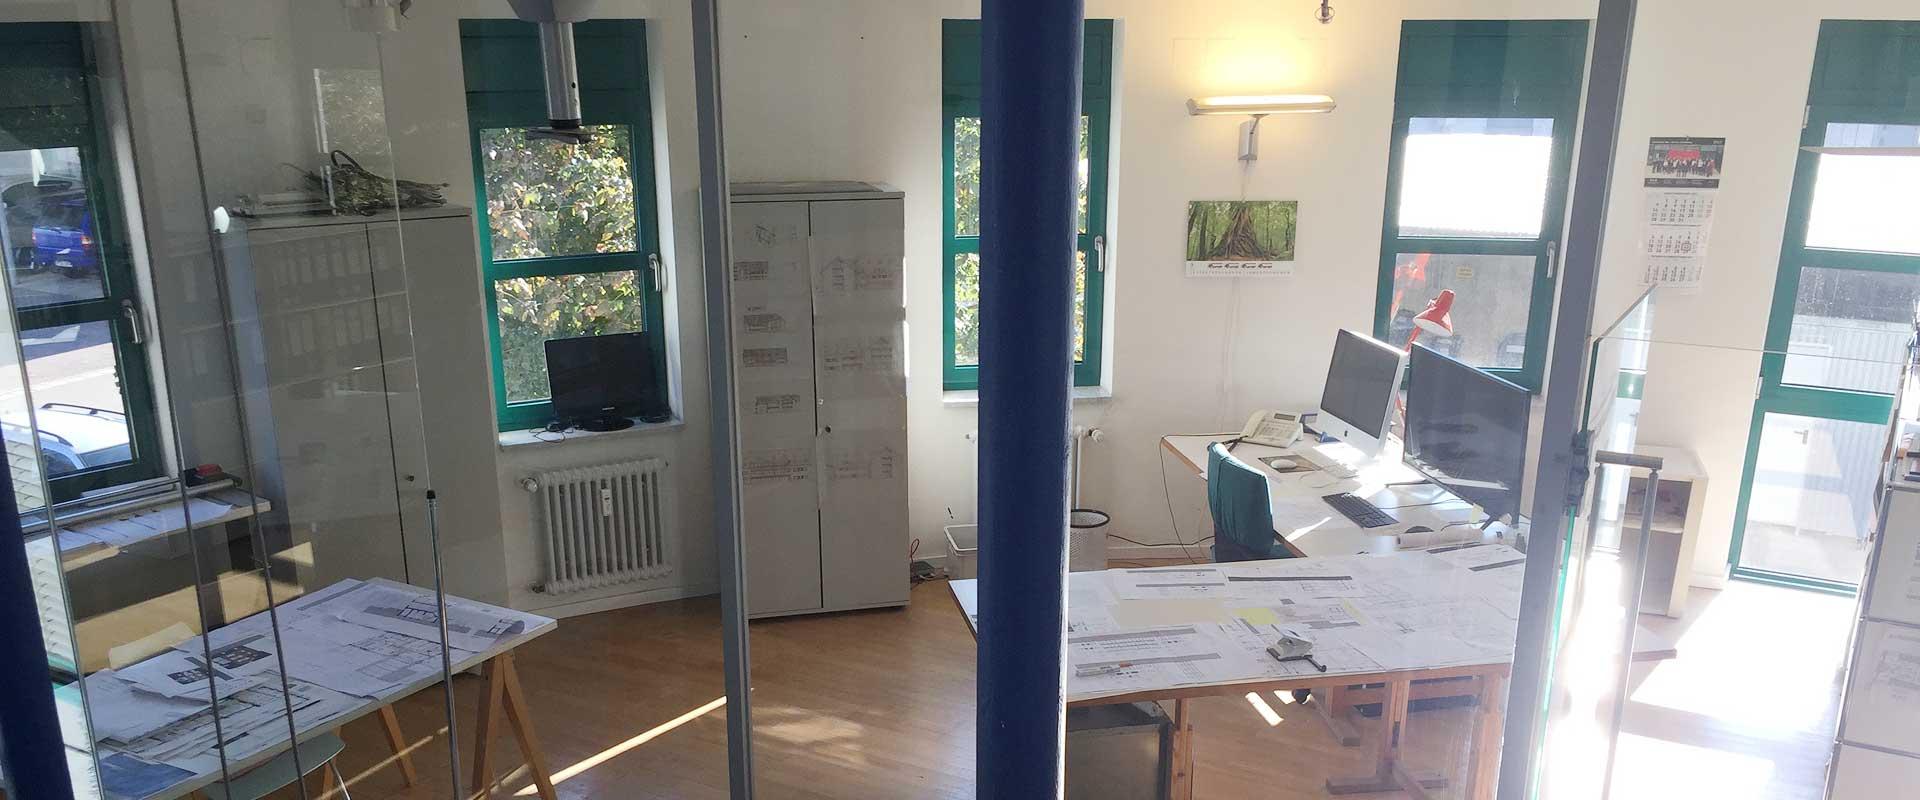 Raum für Projekte mit Dier Wohnbau